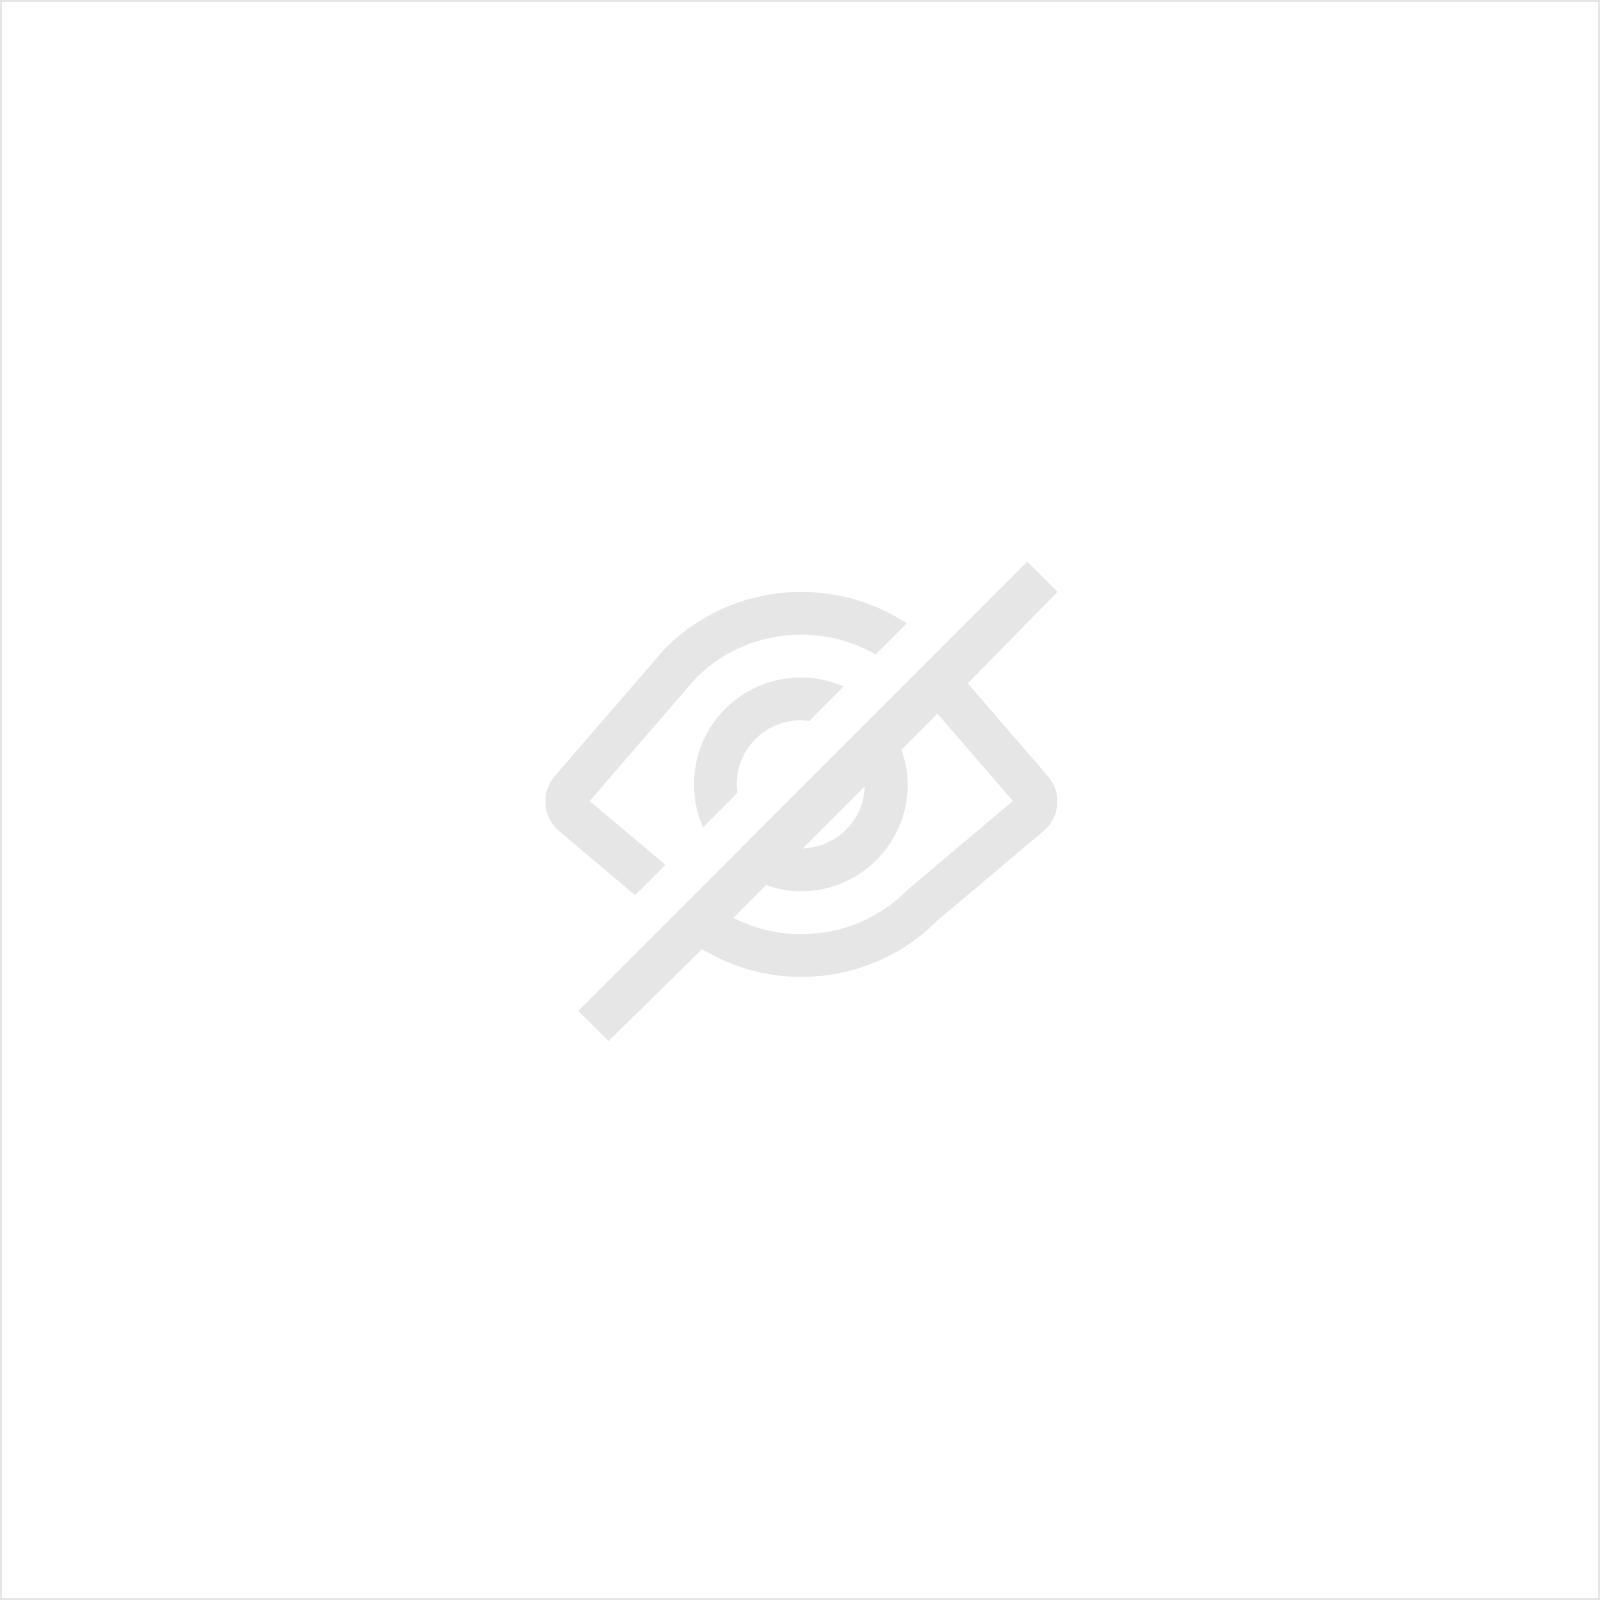 CREUSEN LINKSE ASVERLENGING POLIJSTMOLEN 150 MM (8500-15/16)